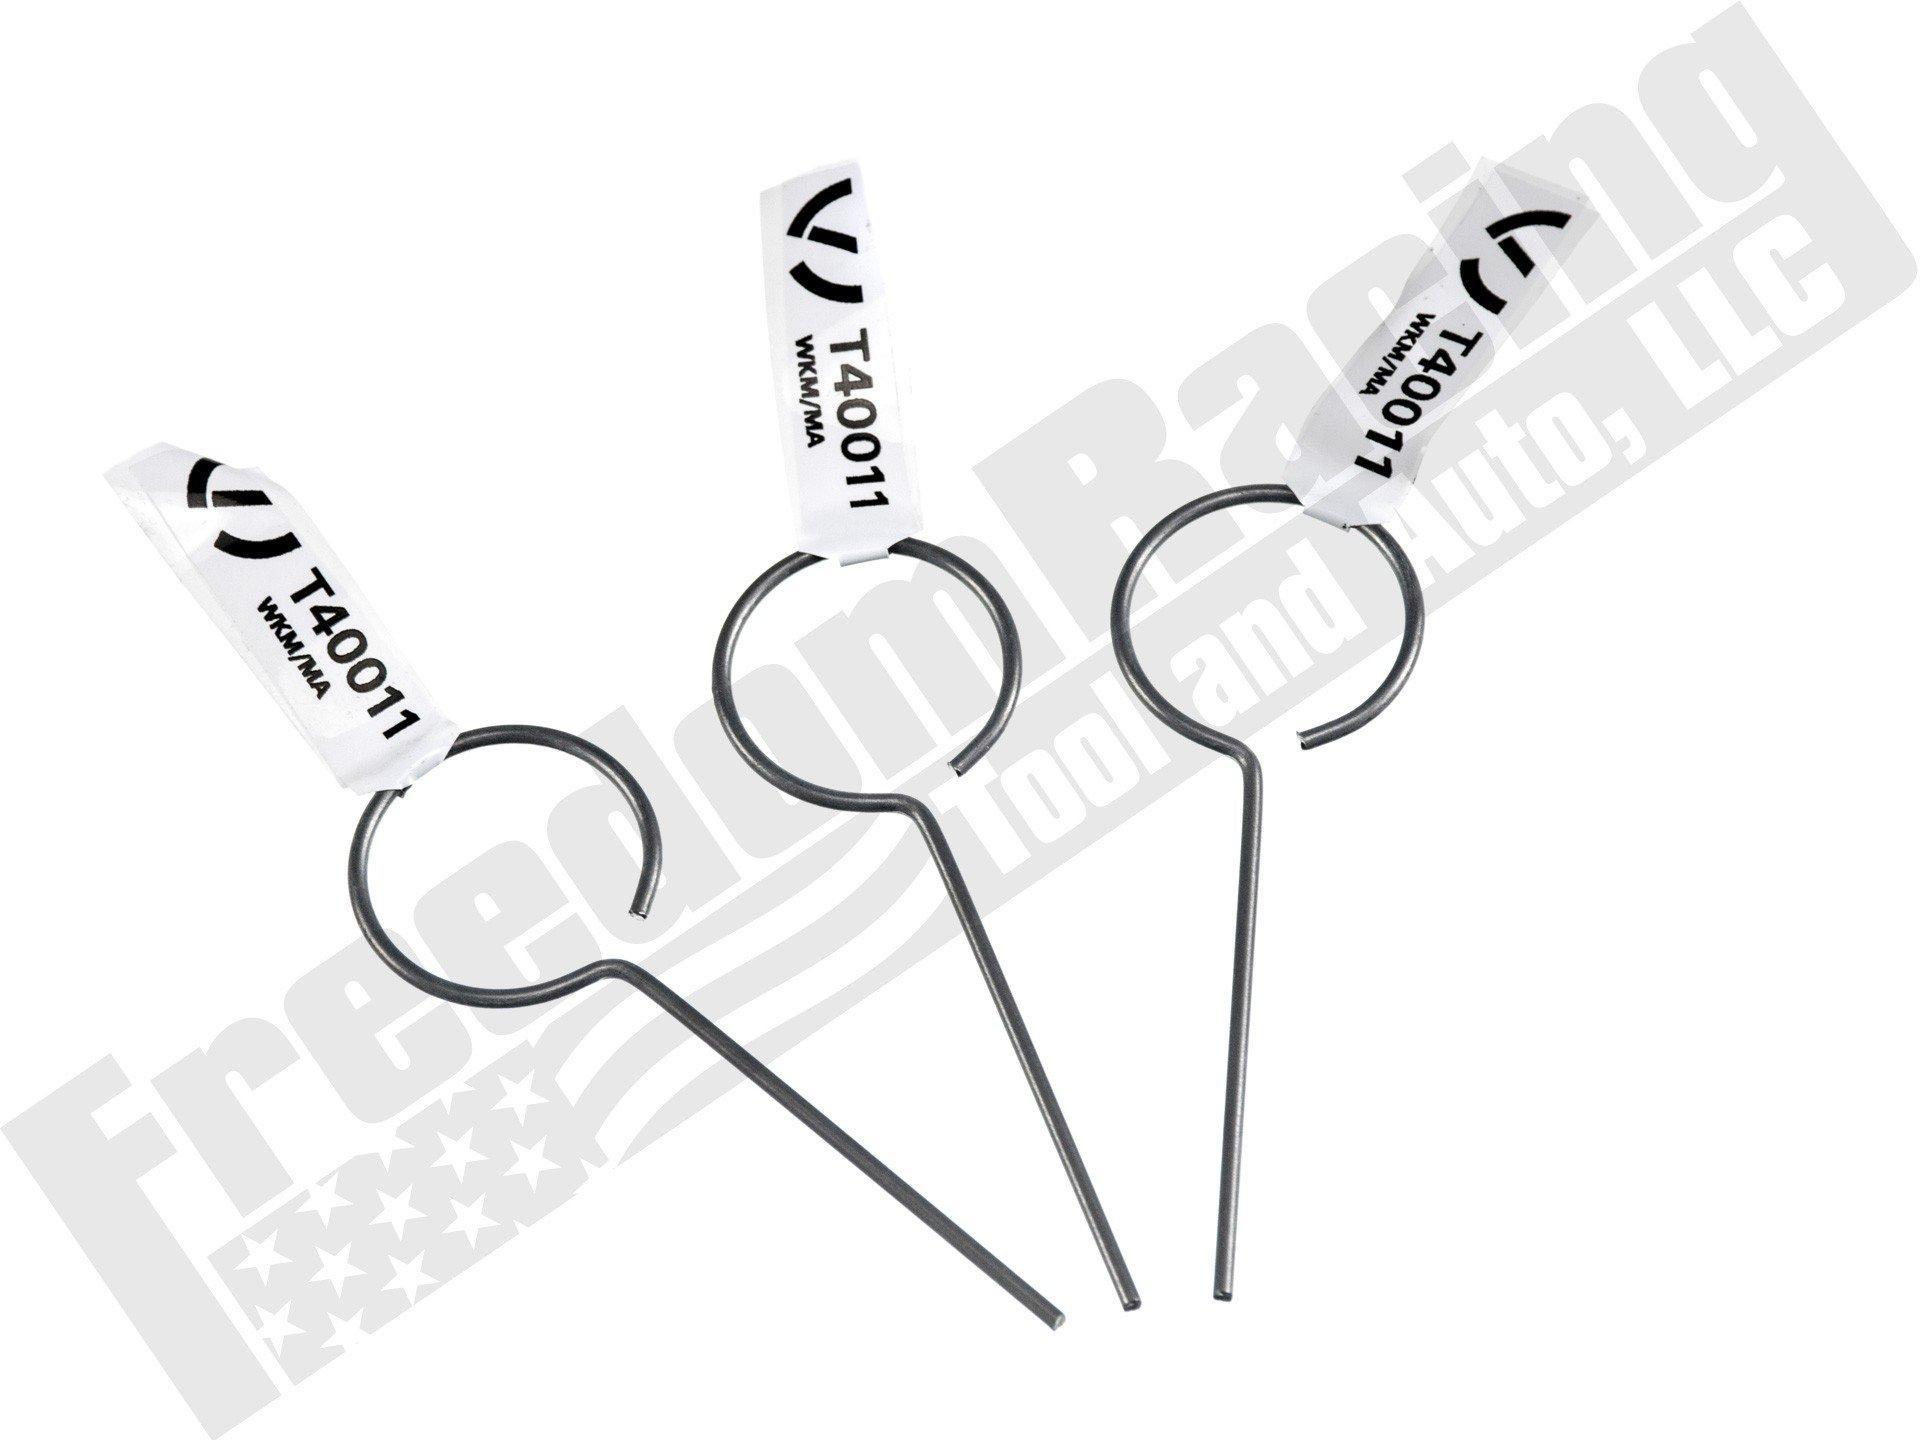 T40011 Timing Tooth Belt Tensioner Locking Pin Tool Set